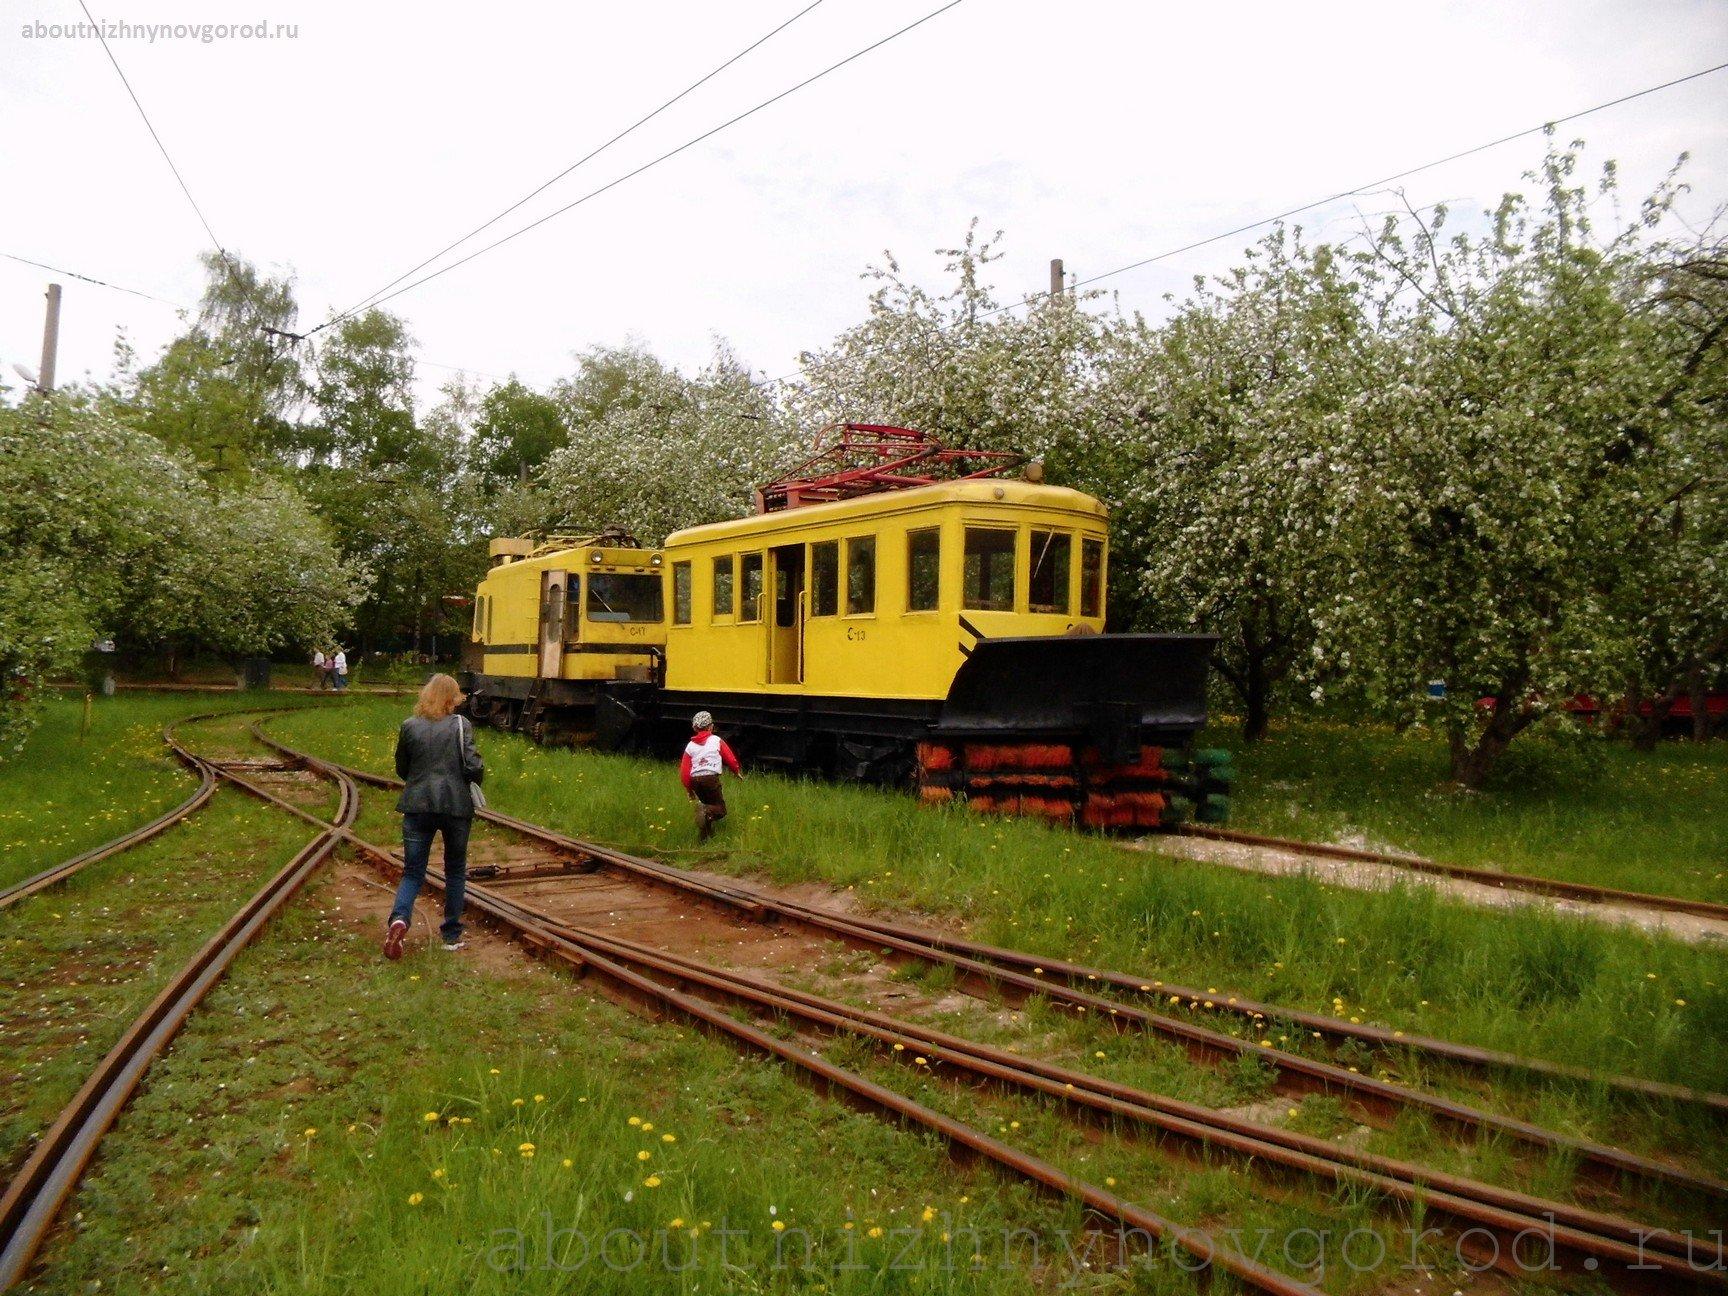 Летом снегоуборочные трамваи отдыхают в яблоневом саду.